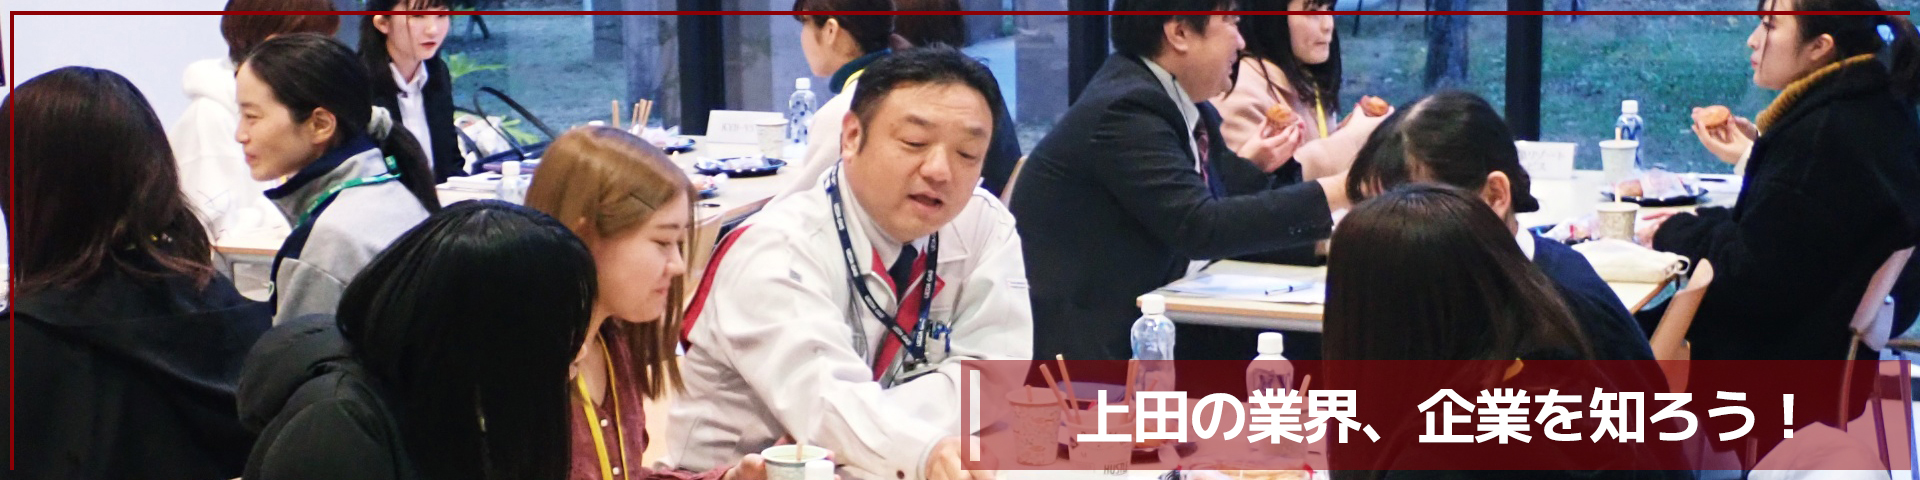 上田の業界、企業を知ろう!